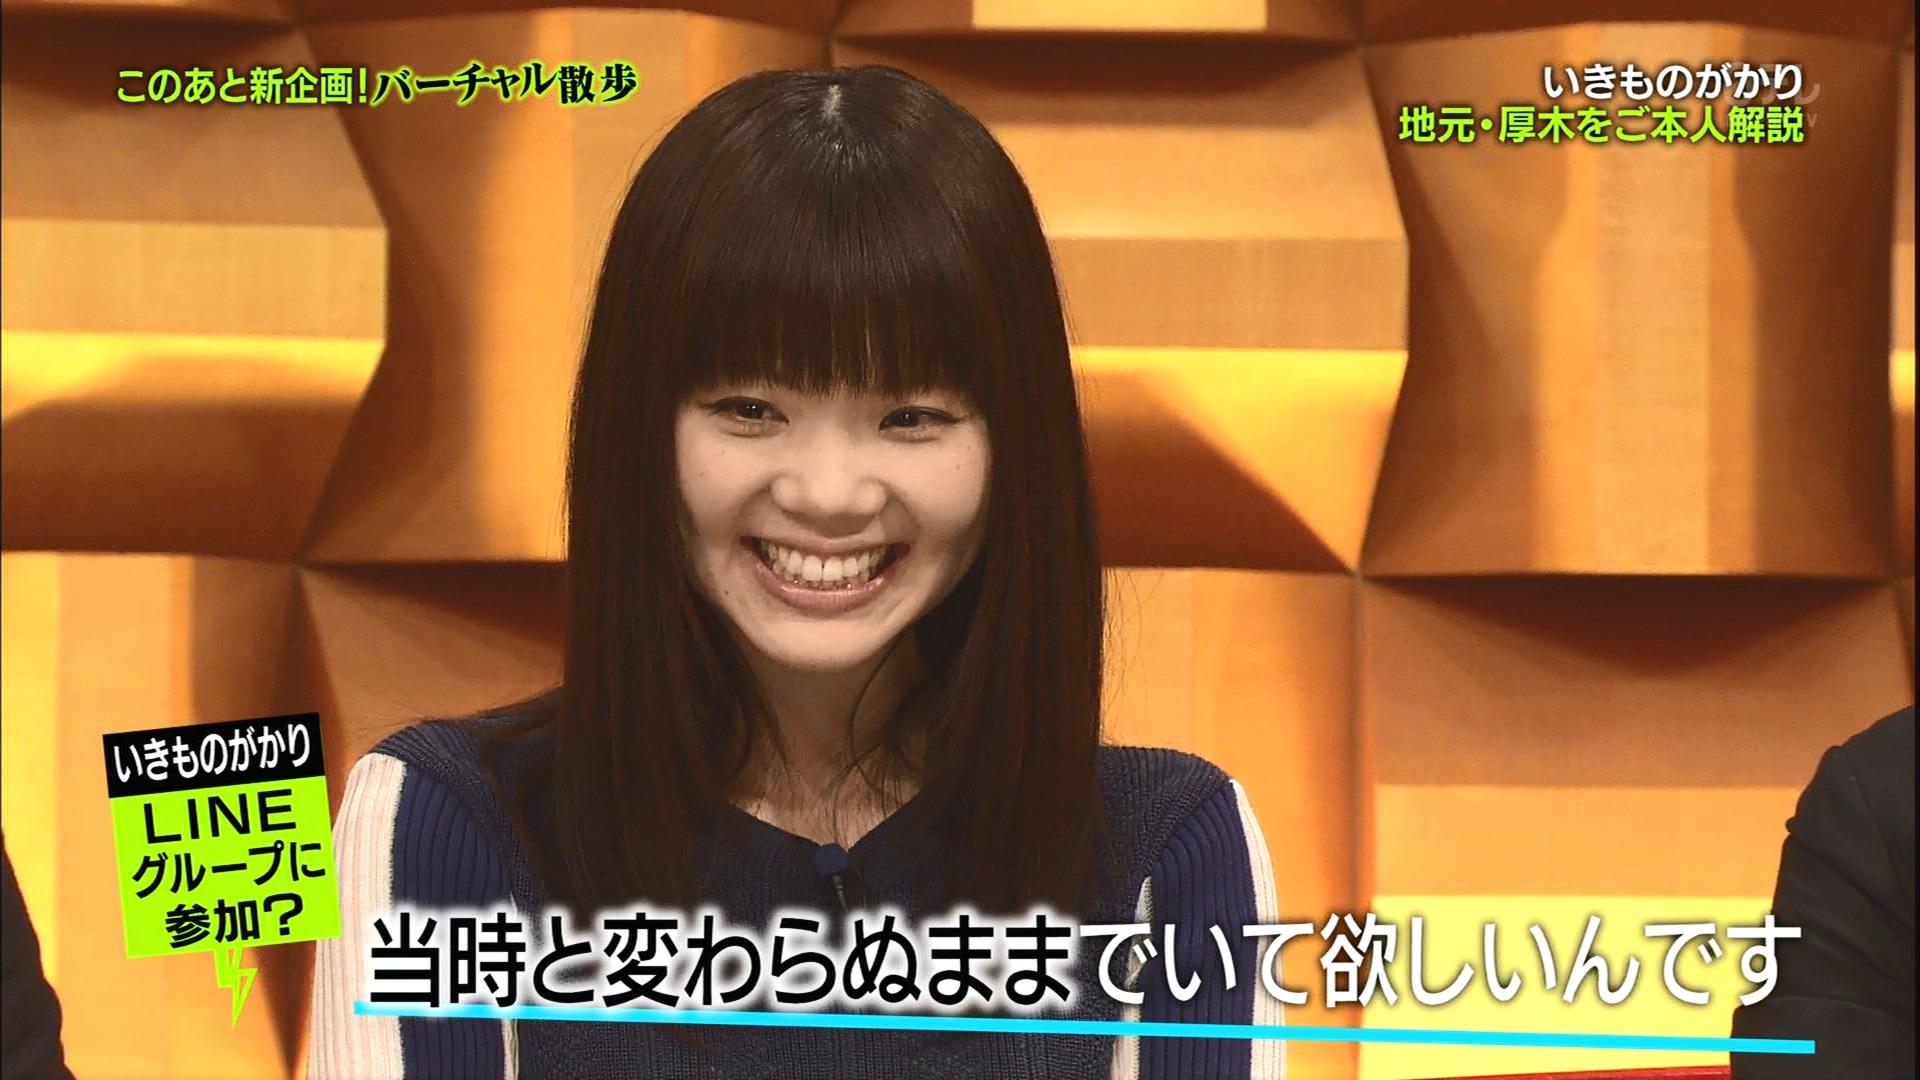 2016.03.11 全場(バズリズム).ts_20160312_013535.575